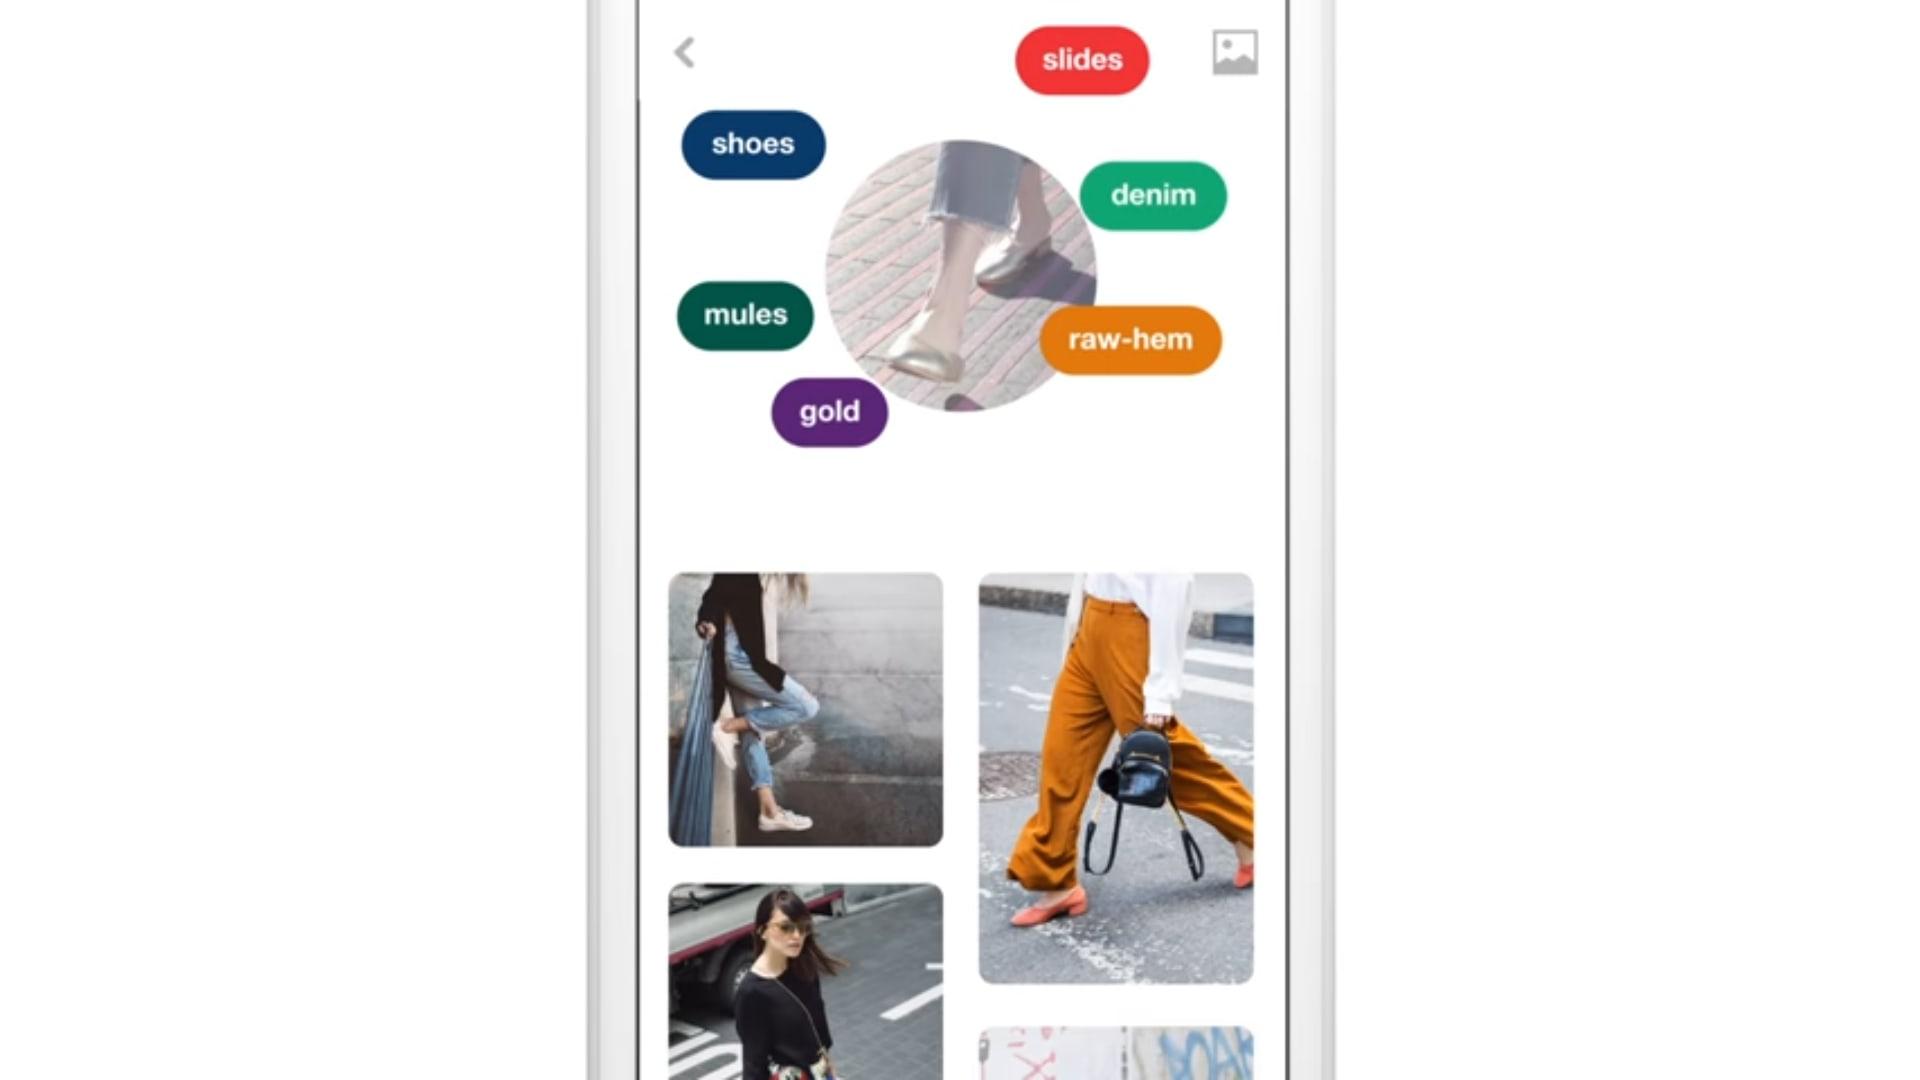 """موقع Pinterest يطلق """"عدسة"""" تتعرف على الأغراض وتساعدك على شرائها"""